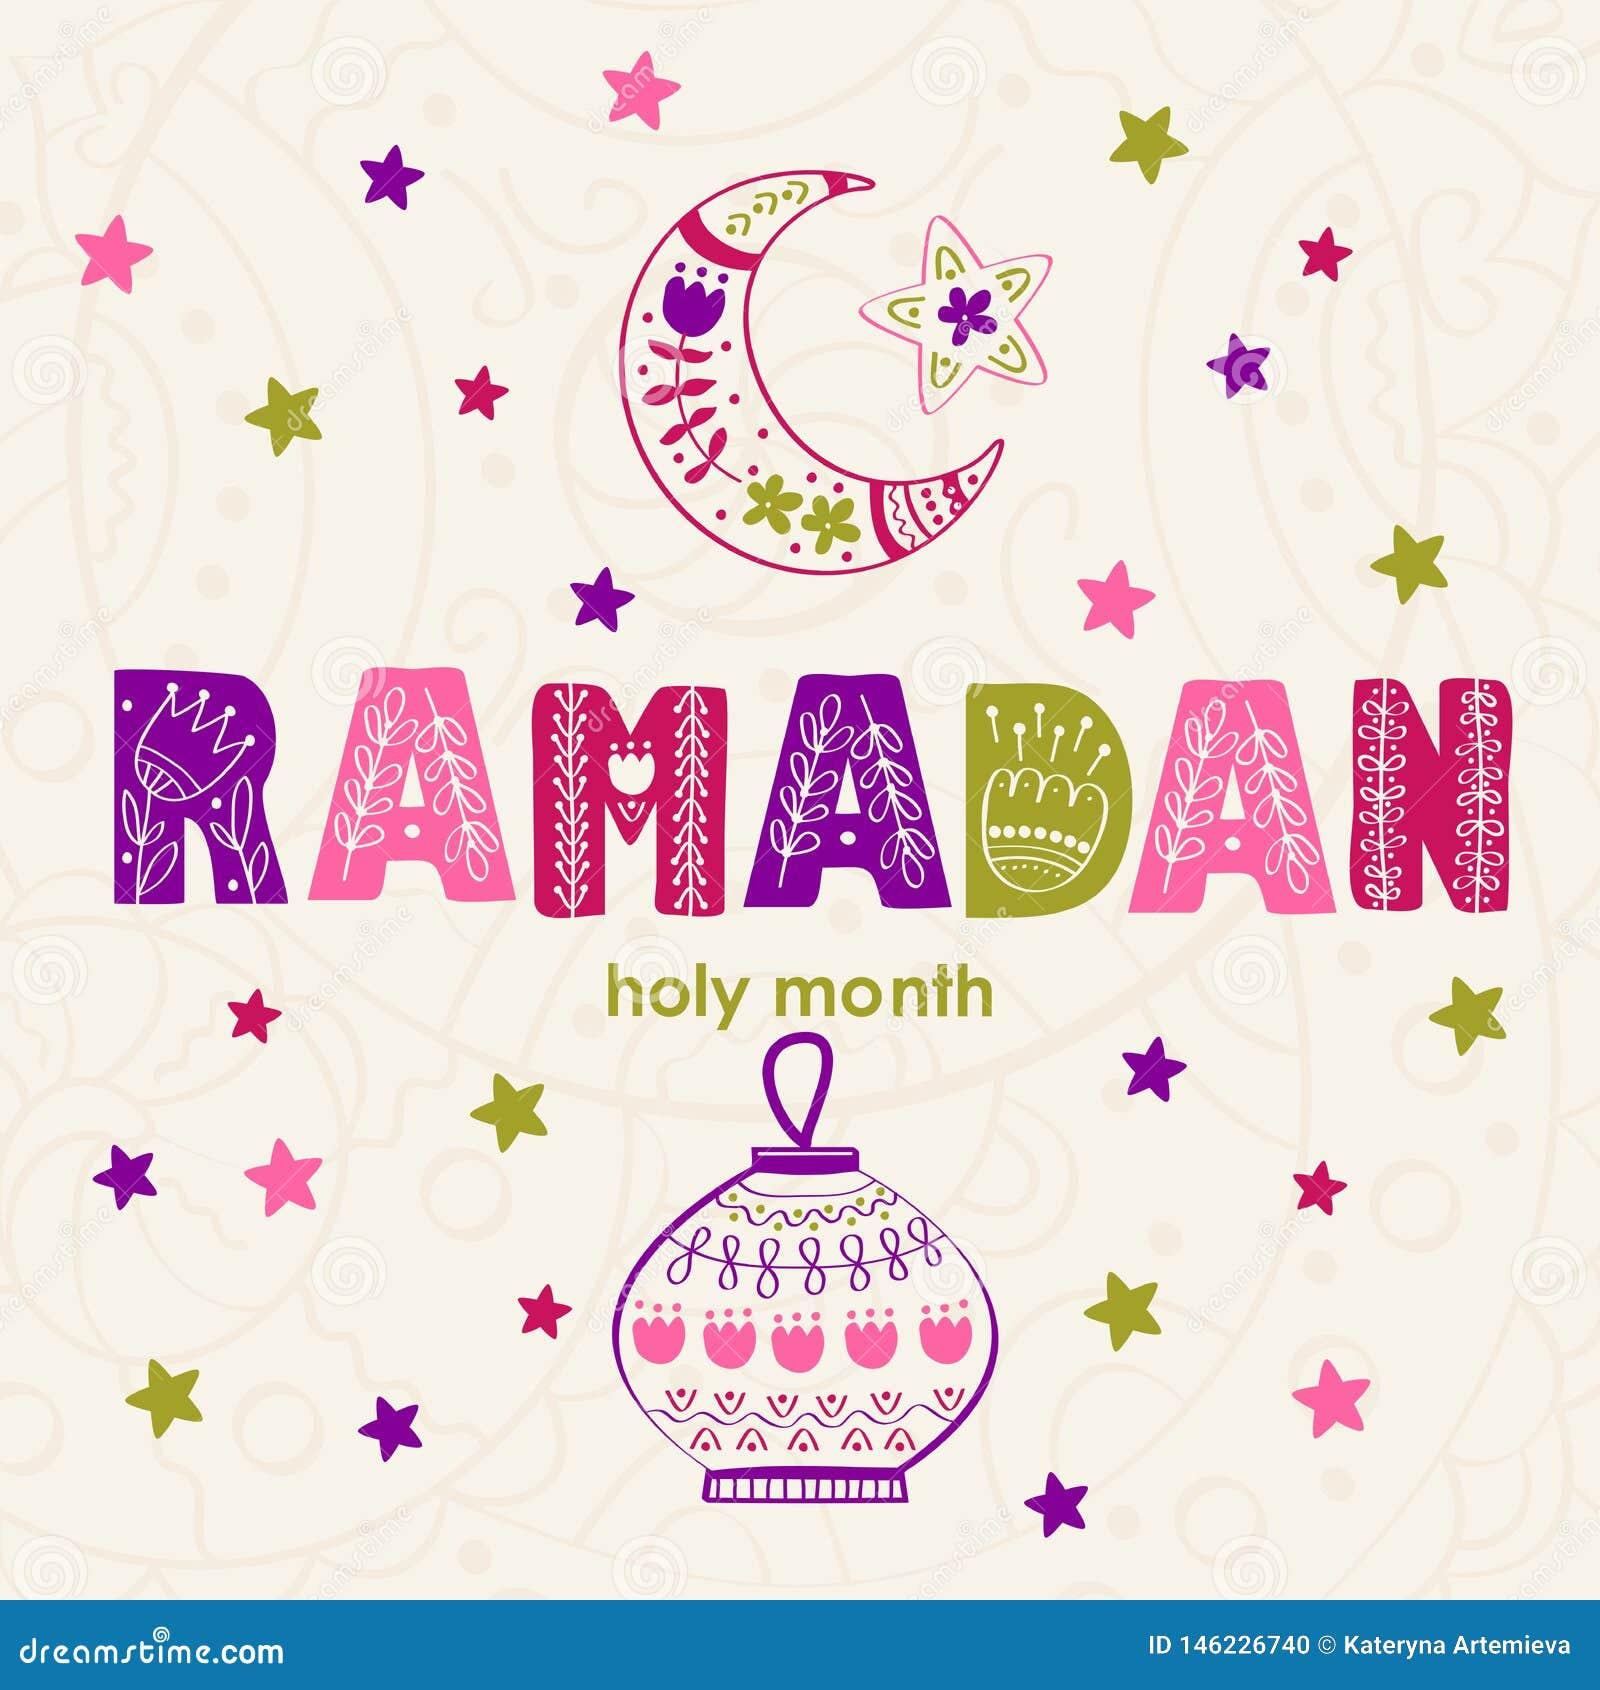 Islamitische heilige maand van Ramadan